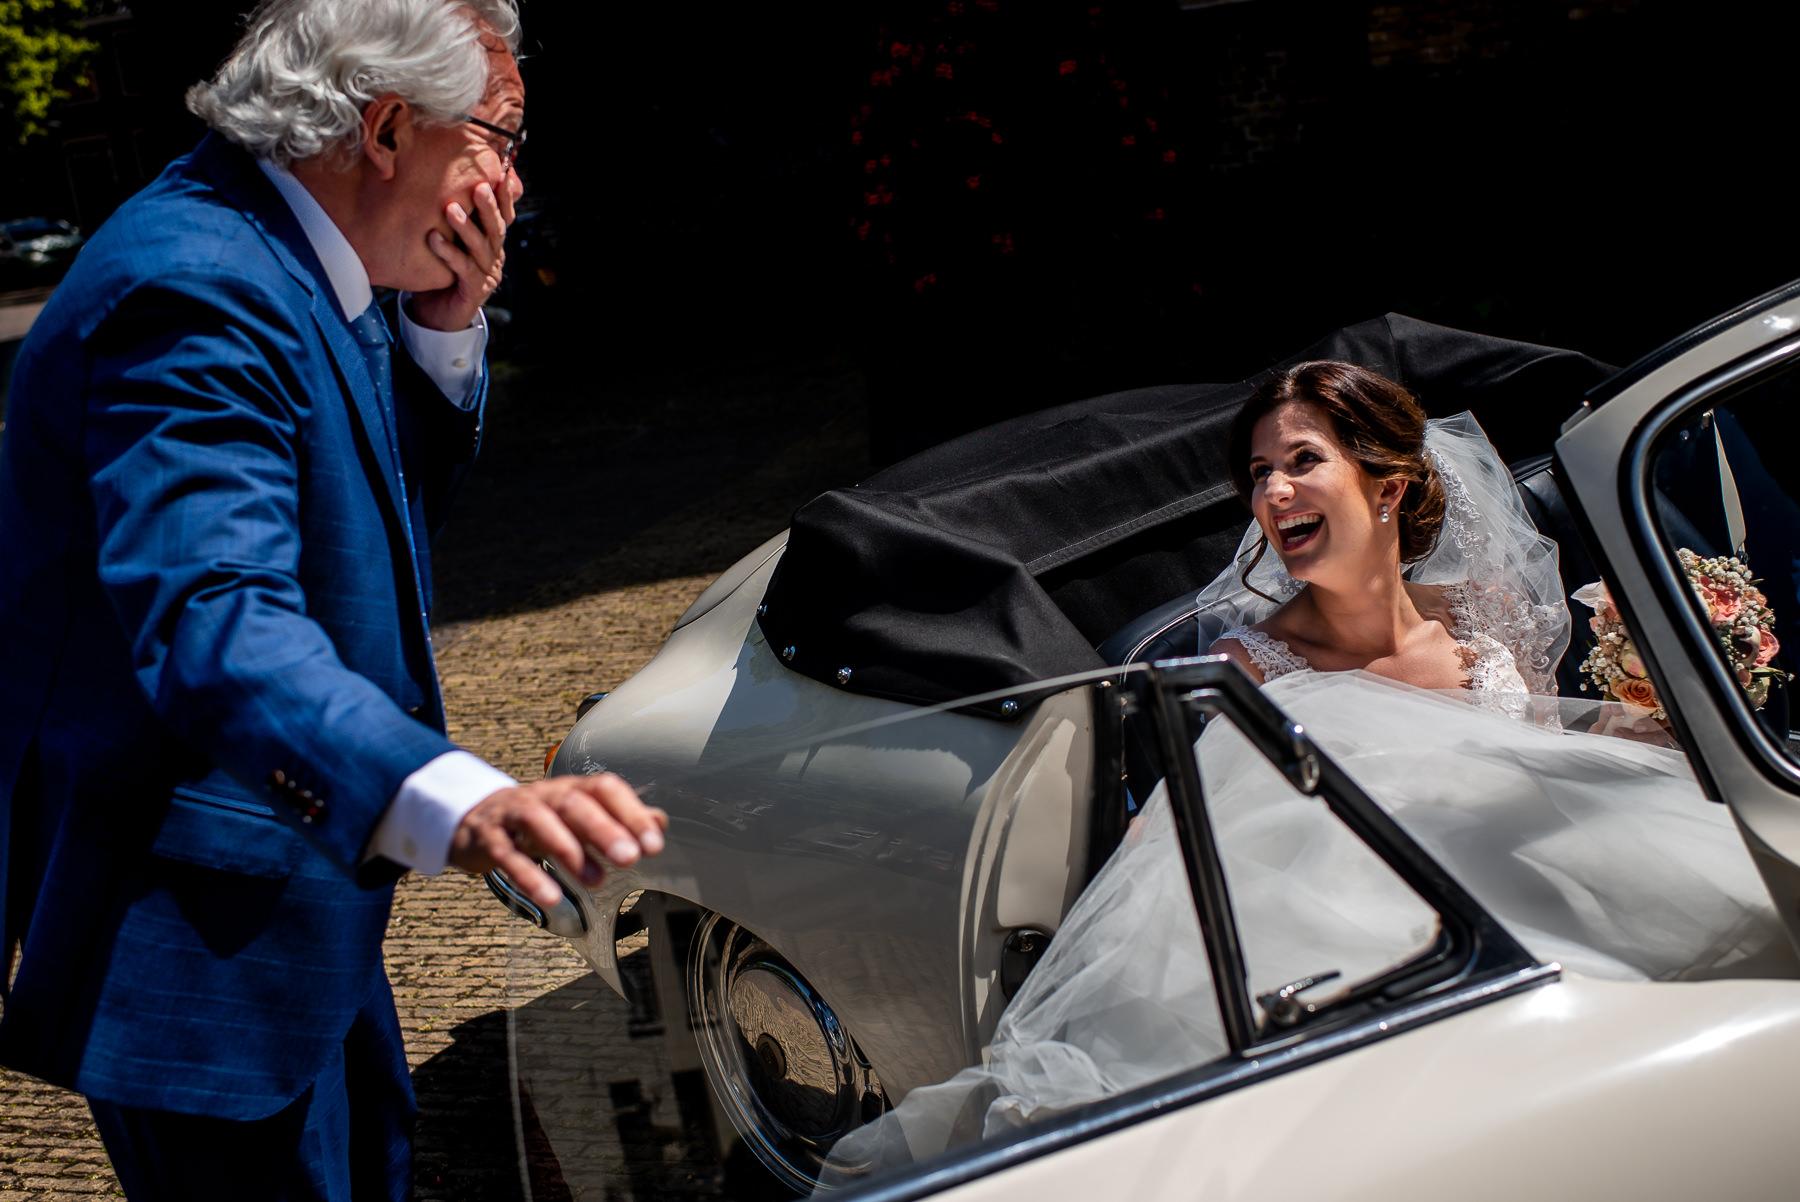 Vader van de bruid | Emotionele trouwfoto | First look | Vaders op bruiloften